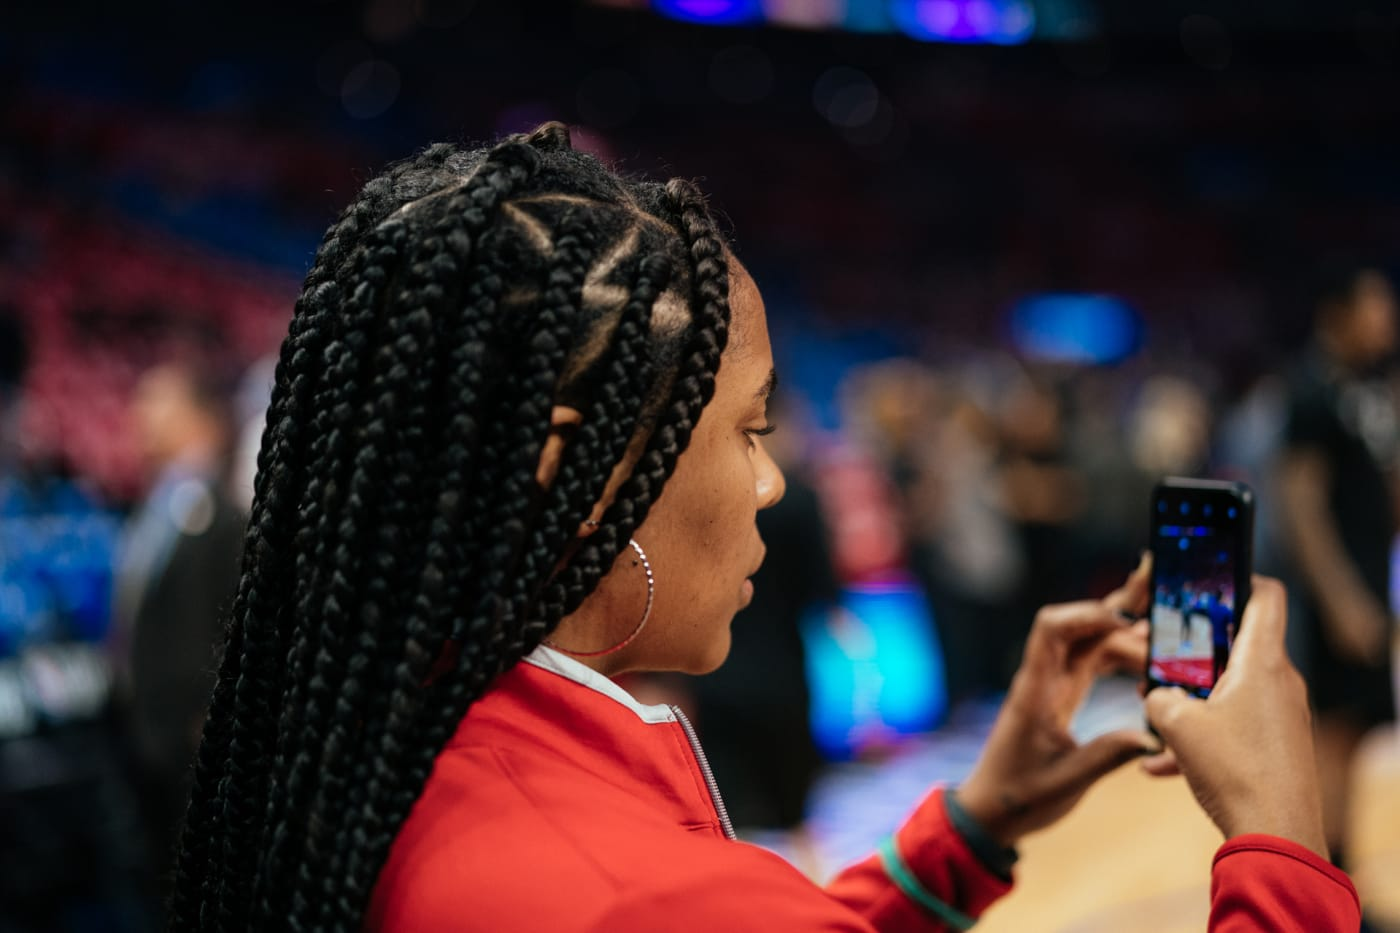 Paula Hughes LA Clippers 2019